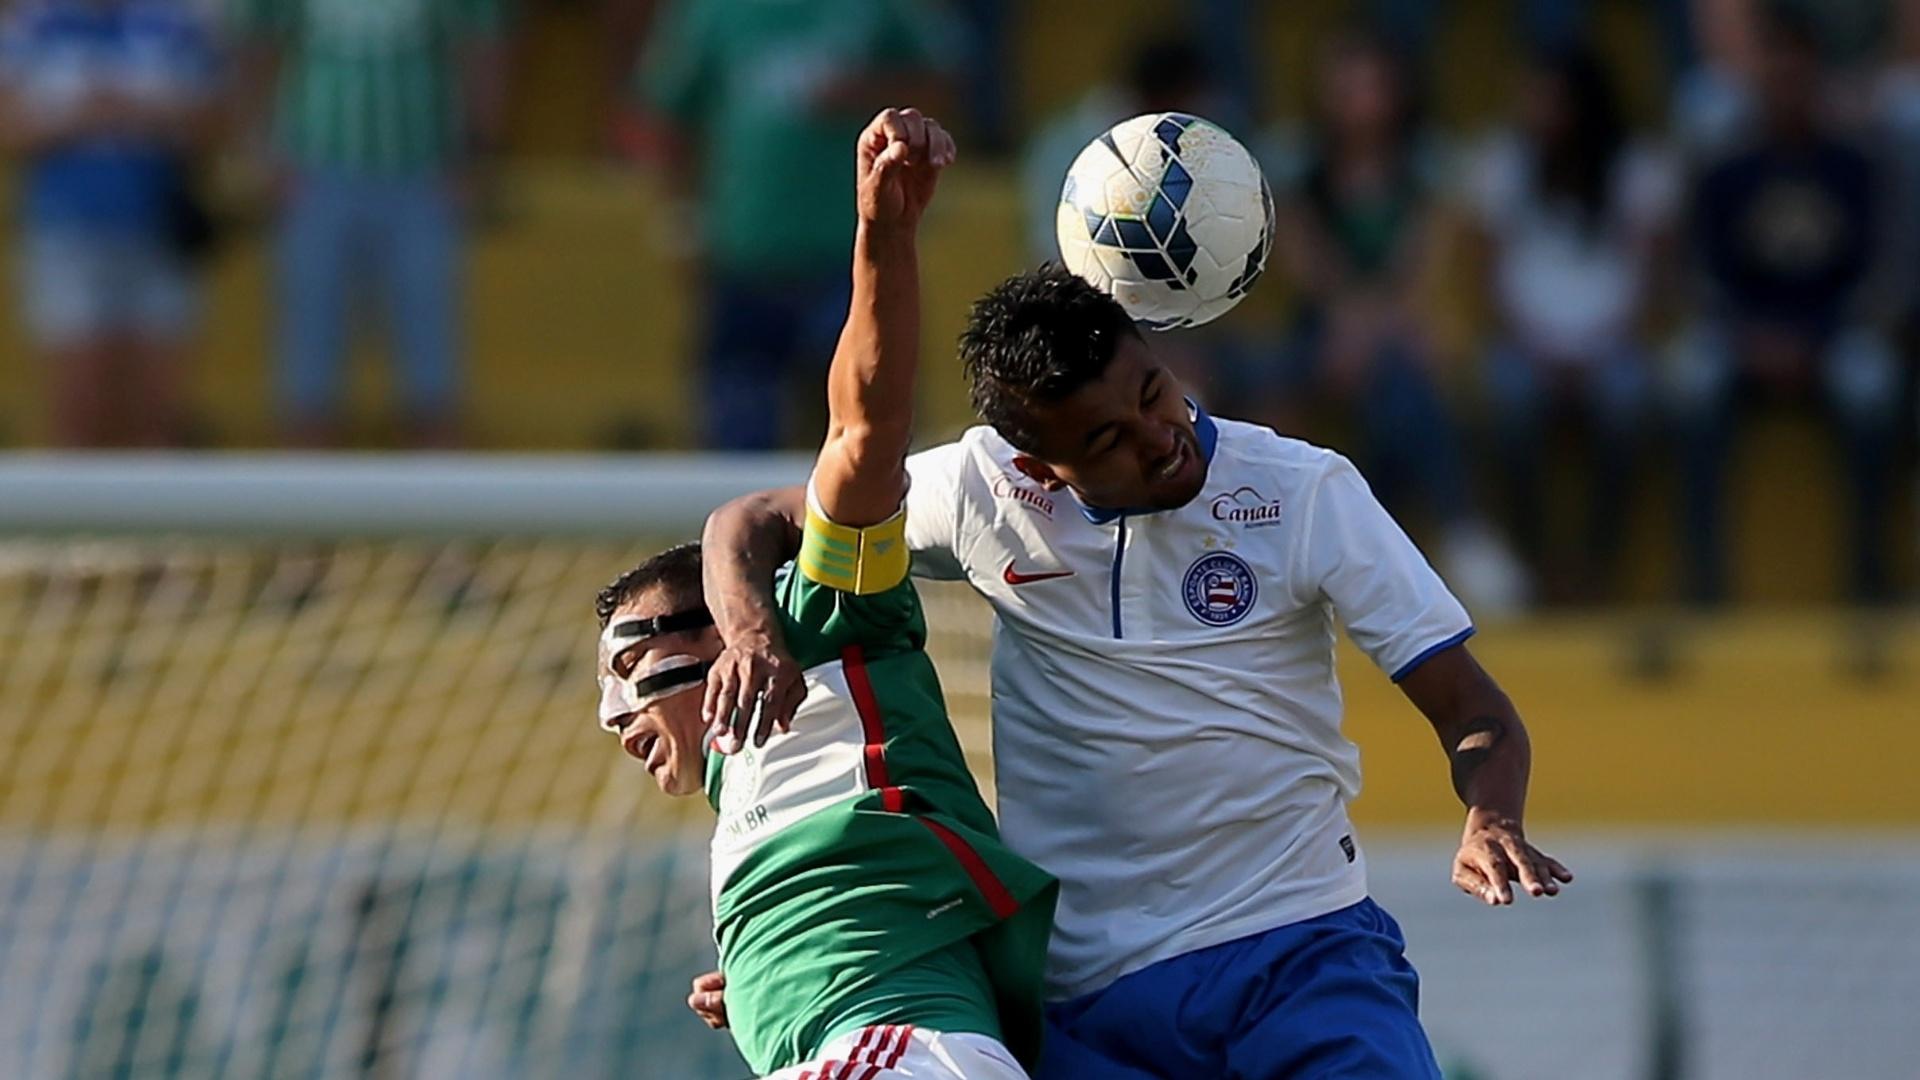 Lúcio e Kieza disputam bola de cabeça no jogo entre Palmeiras e Bahia